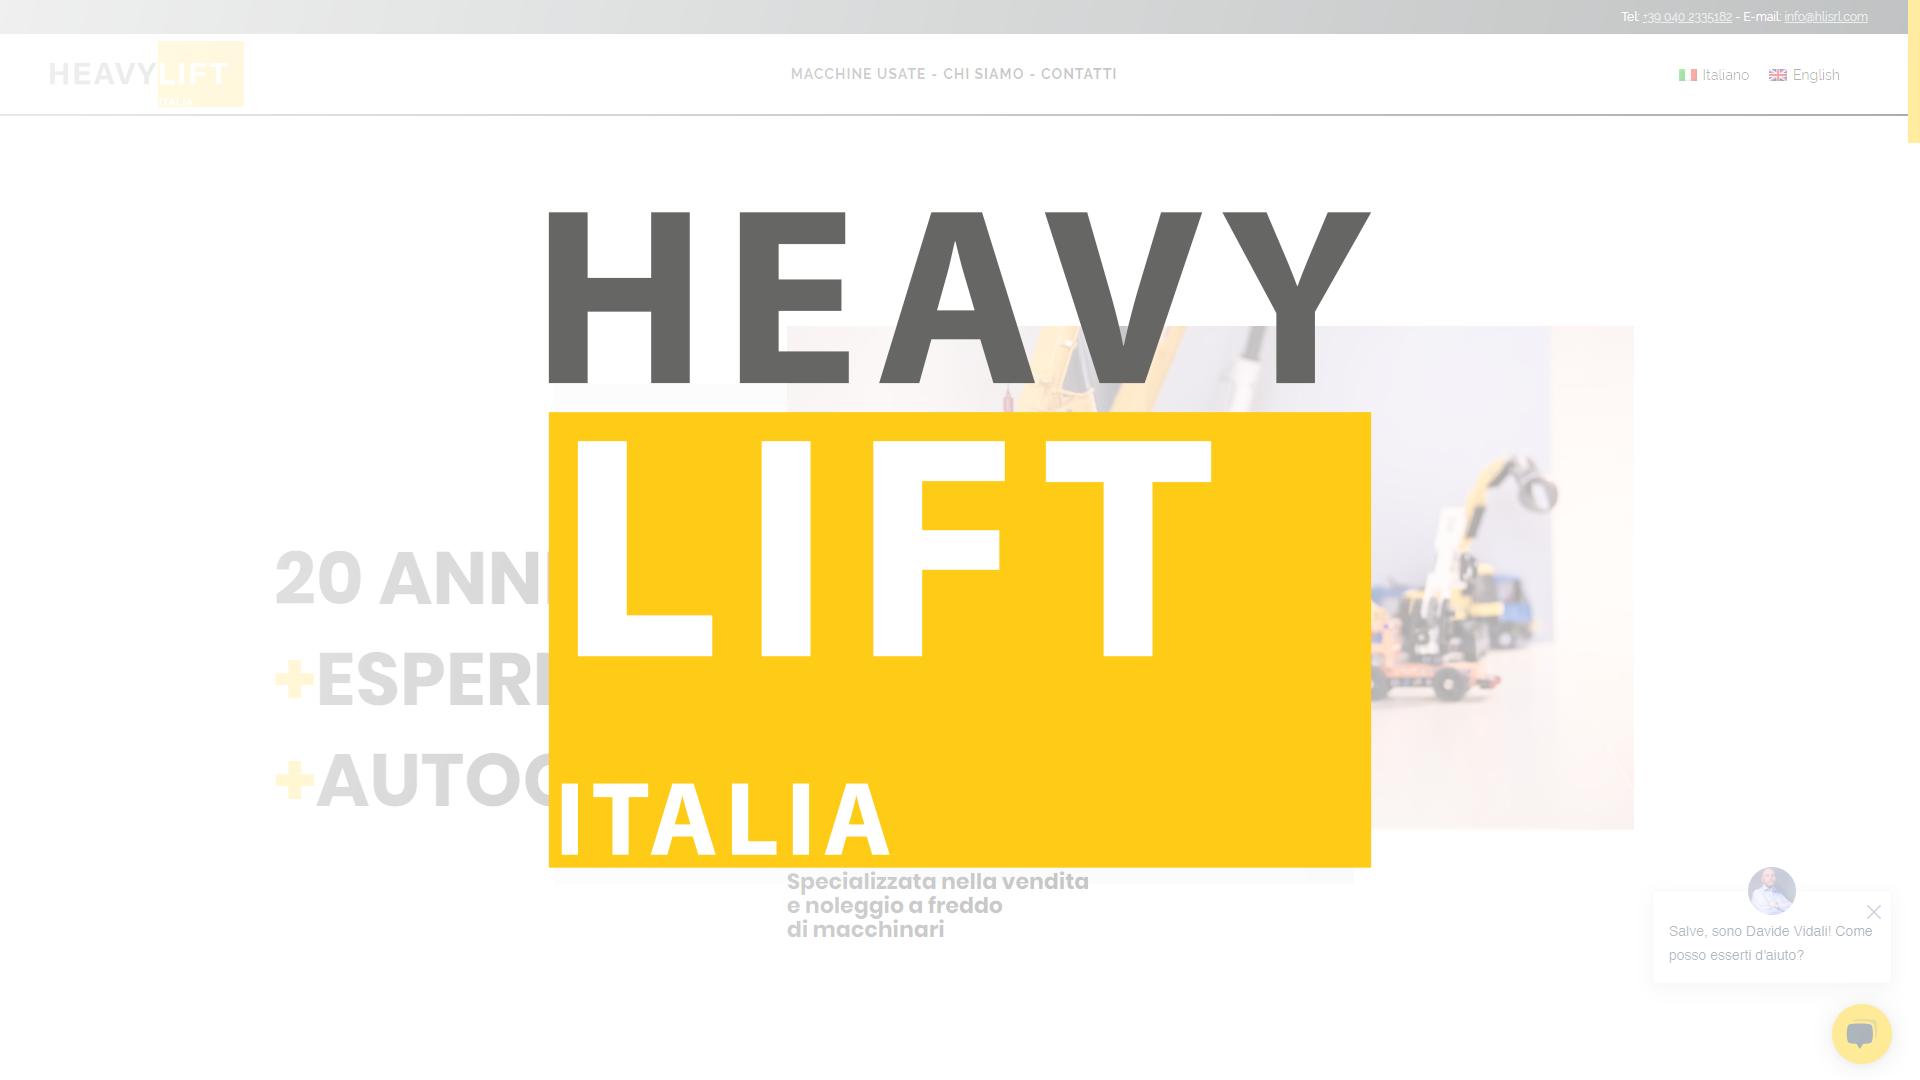 Heavy Lift Italia